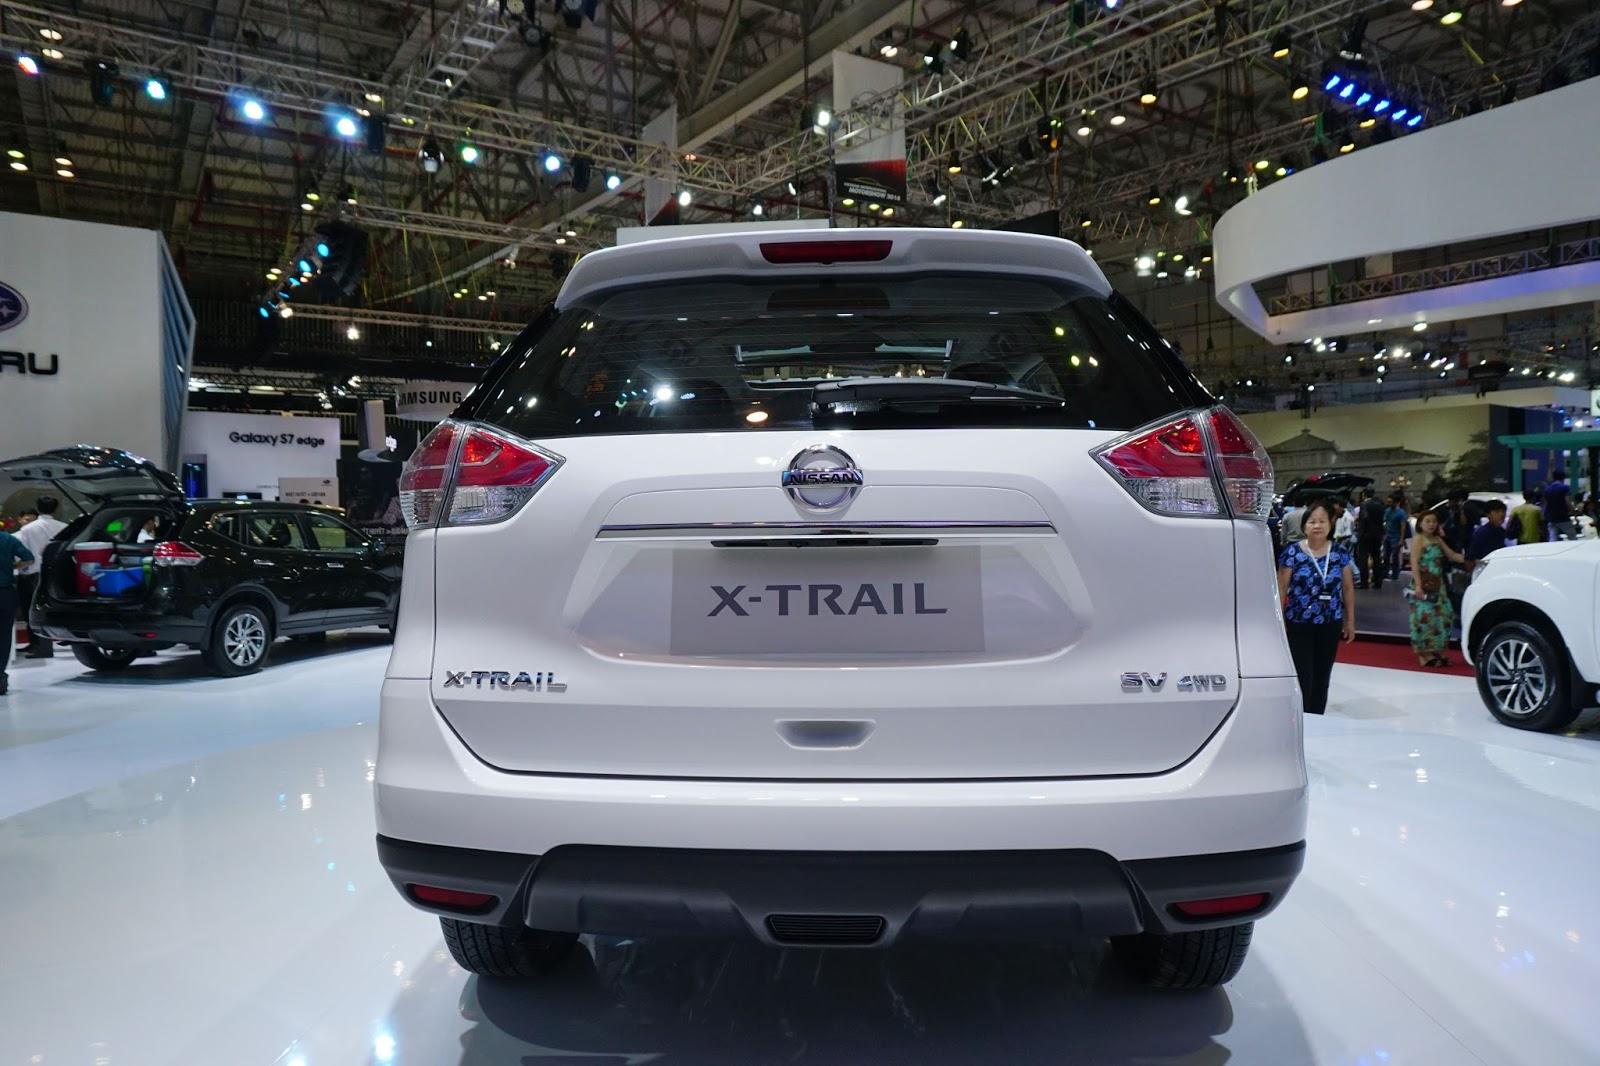 Đuôi xe Nissan X-Trail 2016 đơn giản, khá mạnh mẽ và góc cạnh